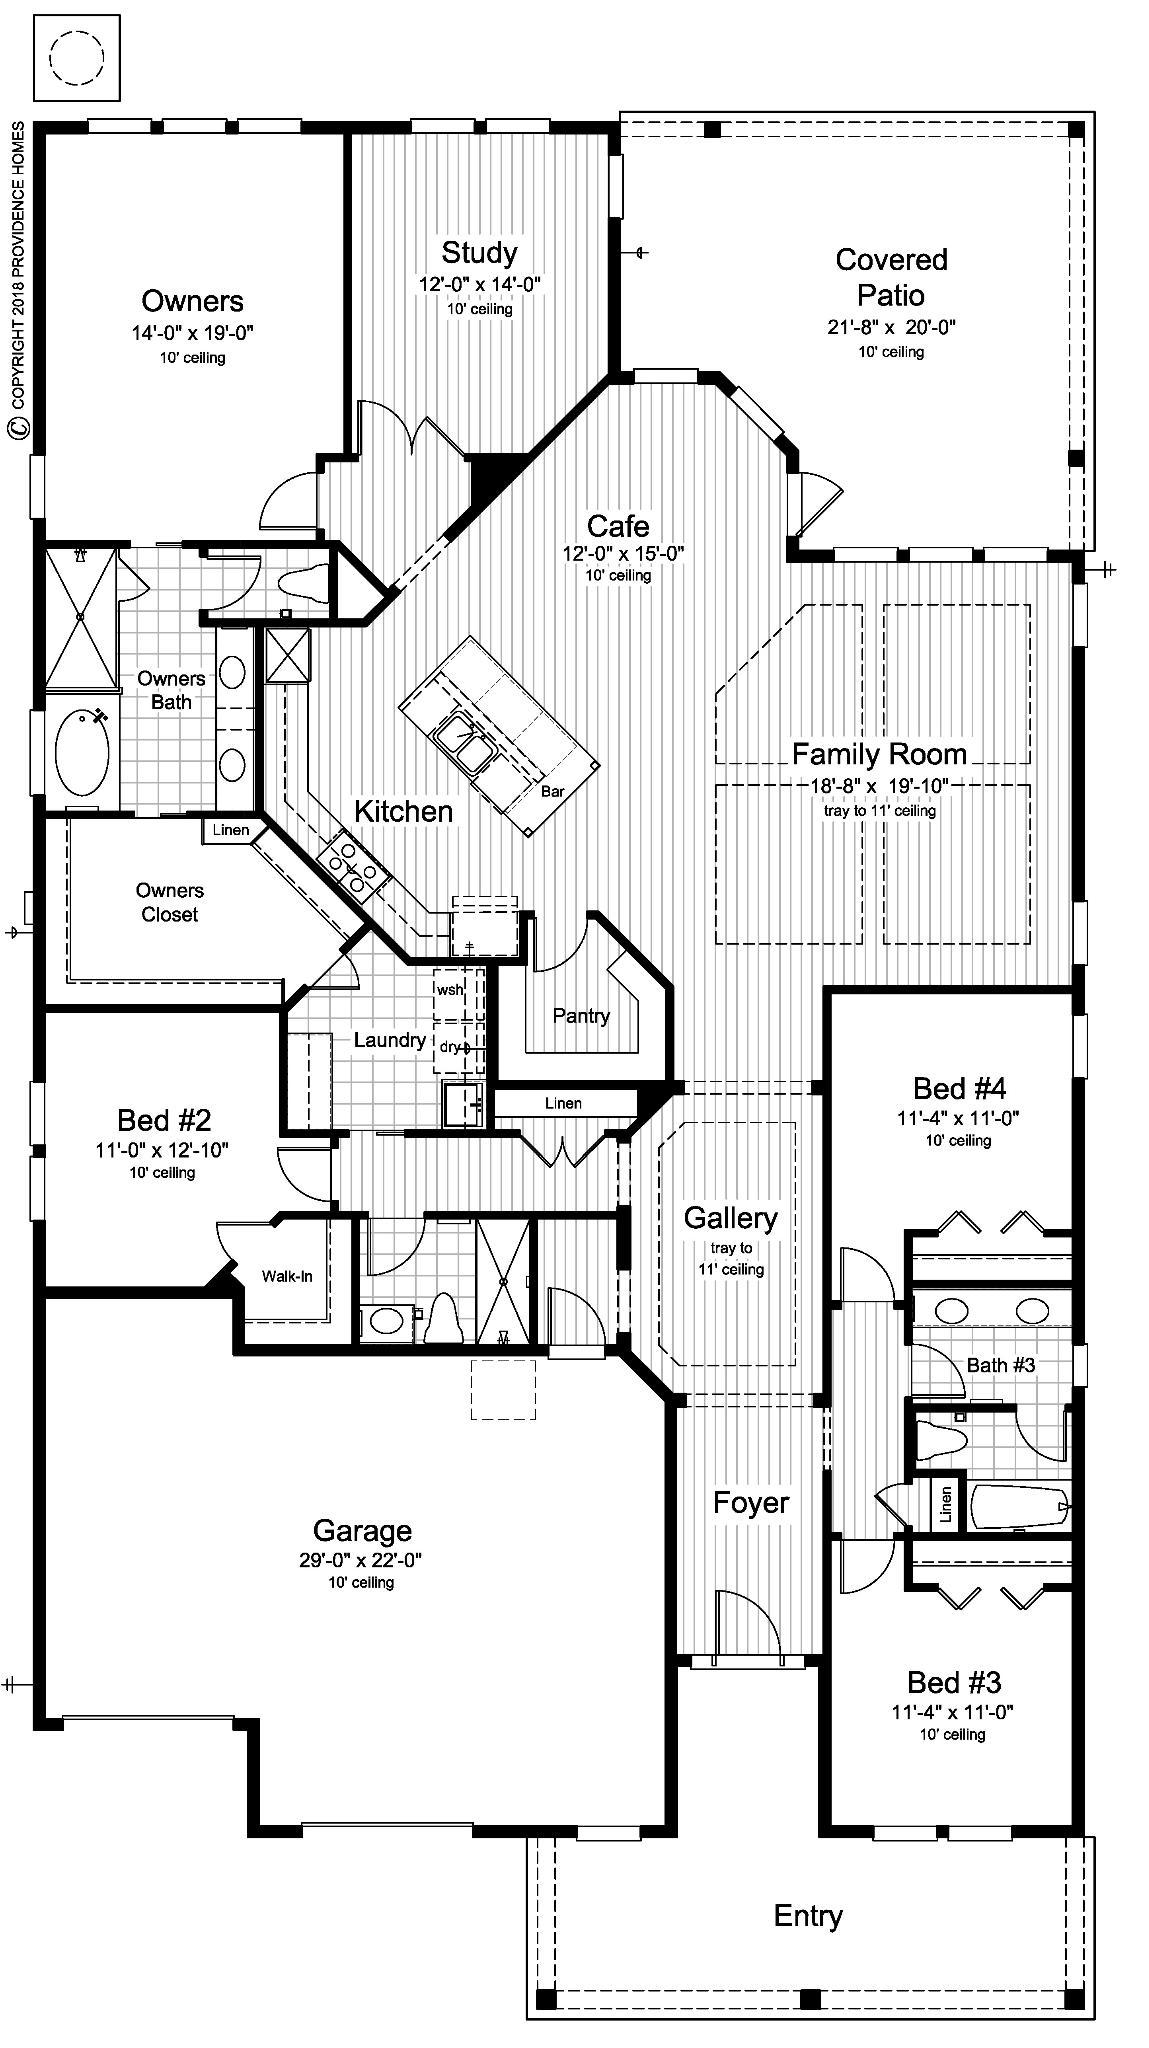 HE247 Floorplan